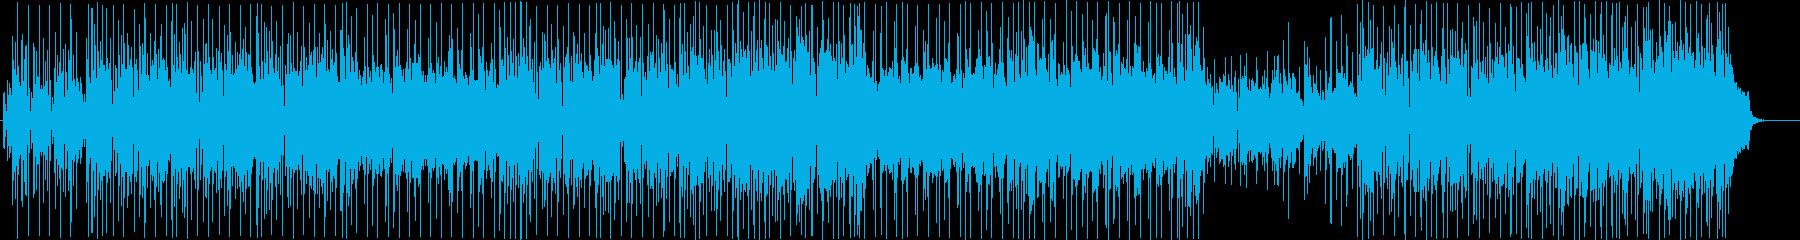 ファンキーでC調な80年代シティポップの再生済みの波形